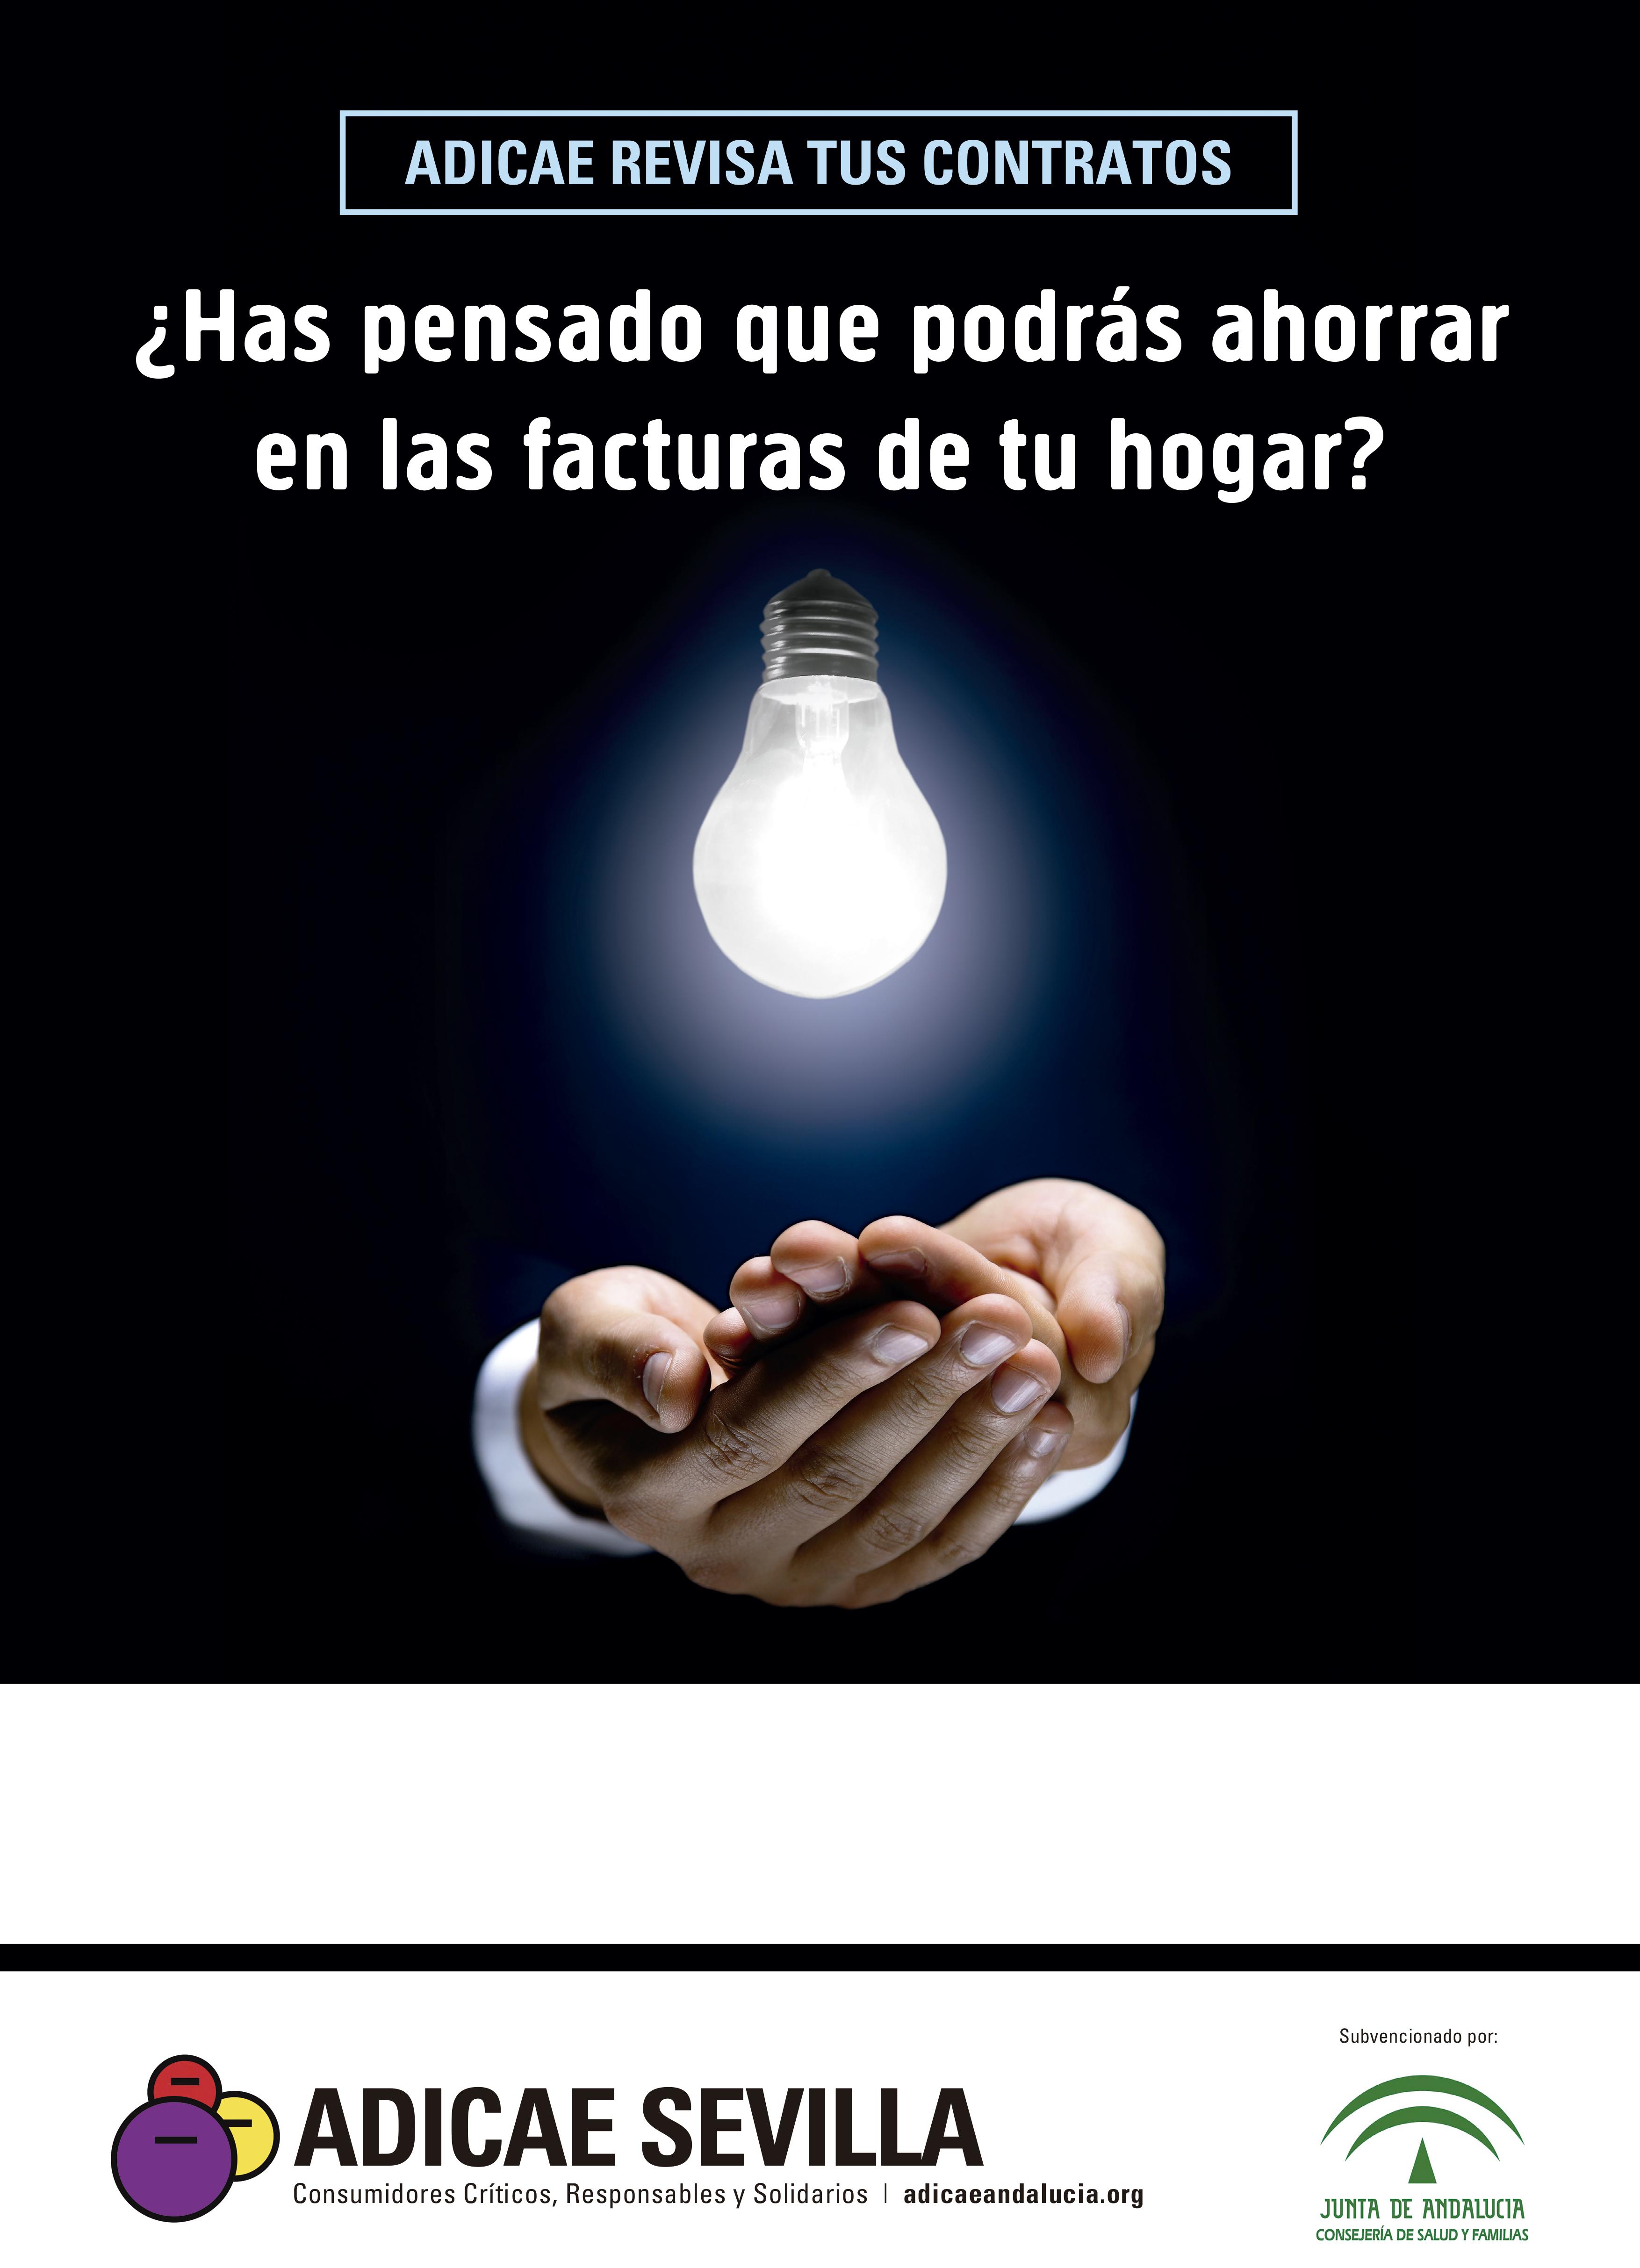 ADICAE Andalucía inicia su campaña de revisión de contratos eléctricos